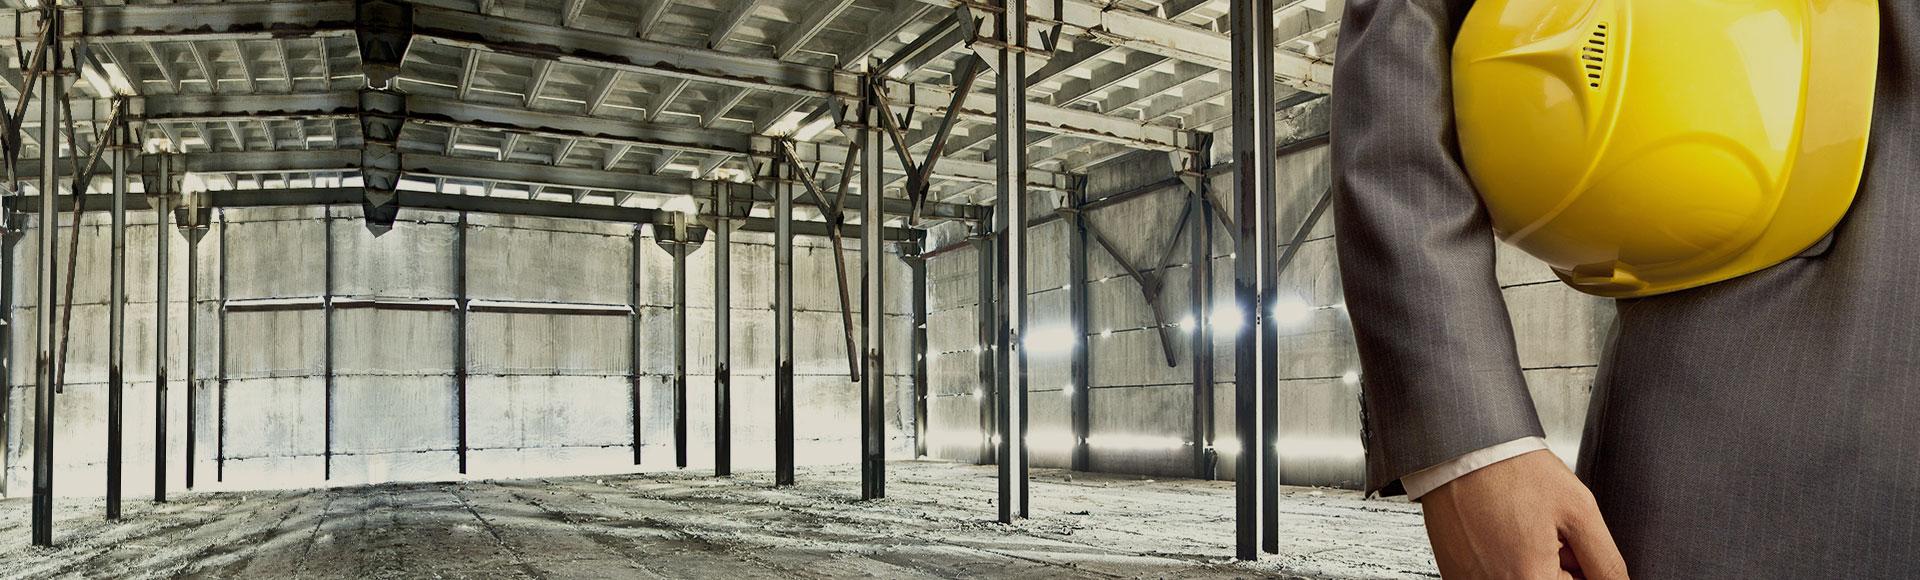 Новый Дом Северодвинск Сдача объекта в оговоренные сроки